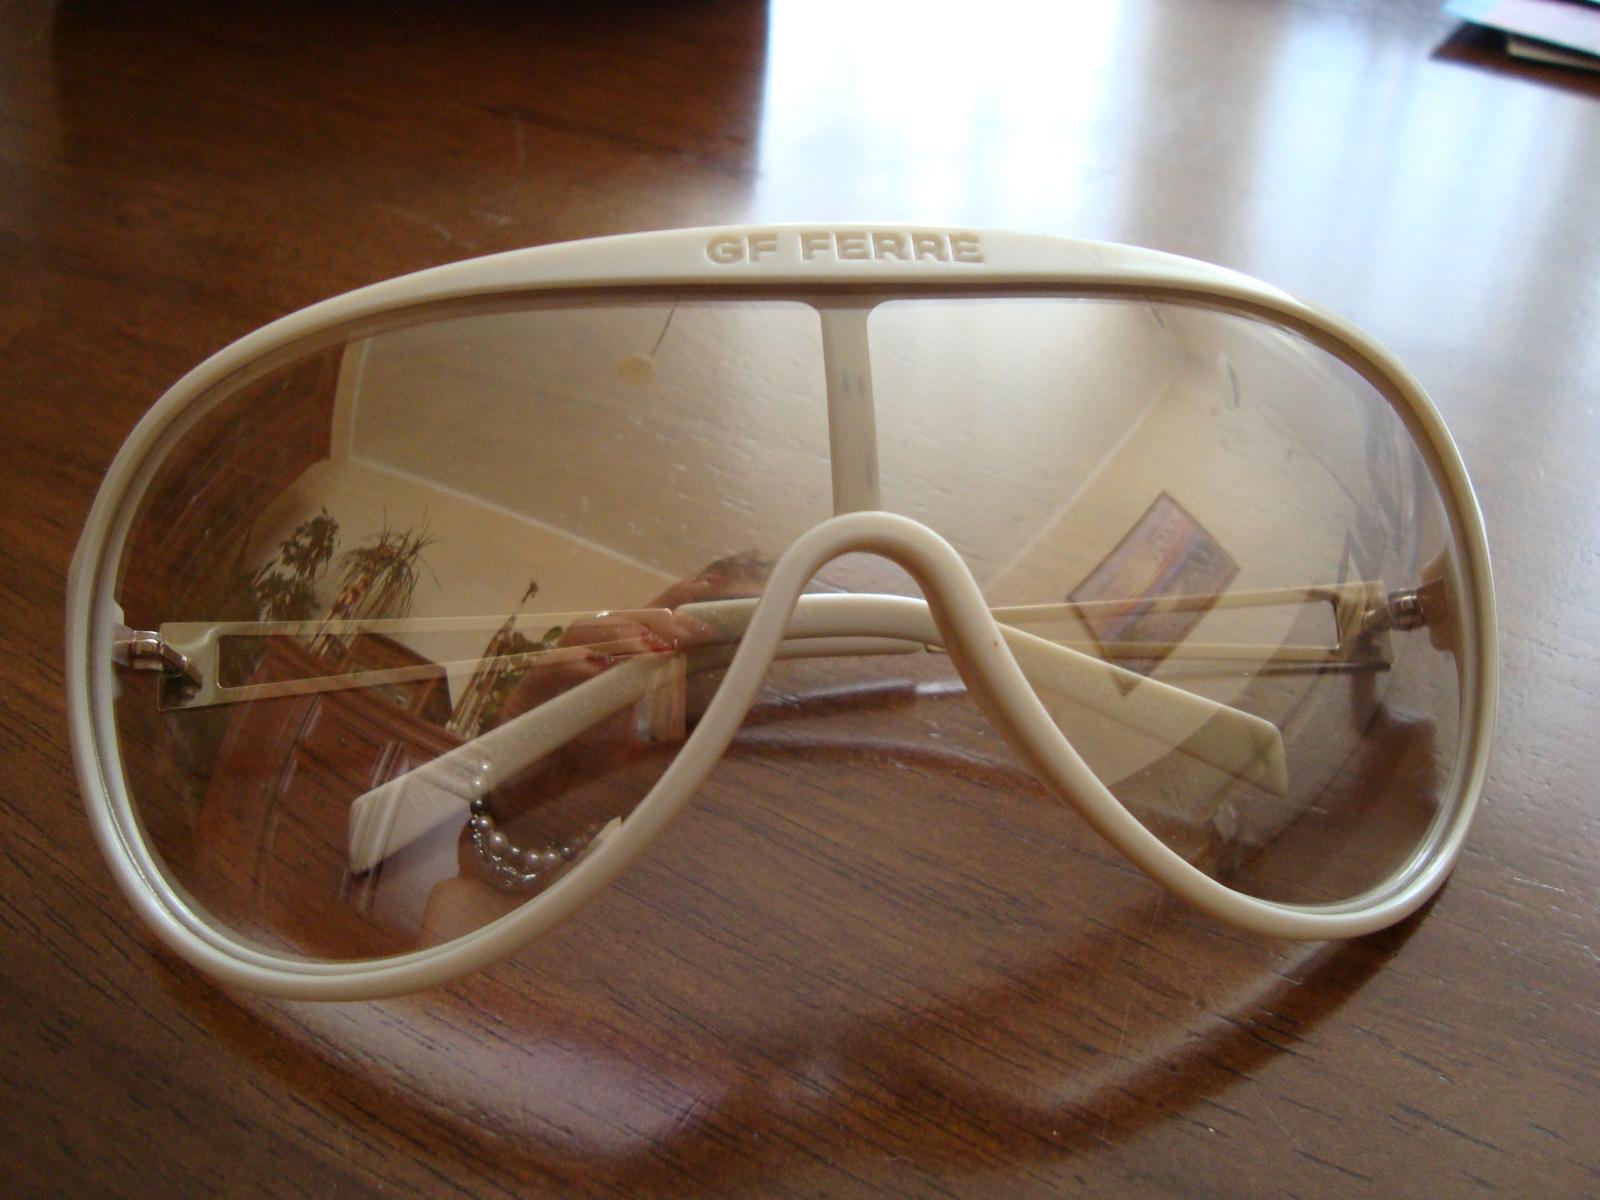 Stylove okuliare gf ferre 3591a6b93cc